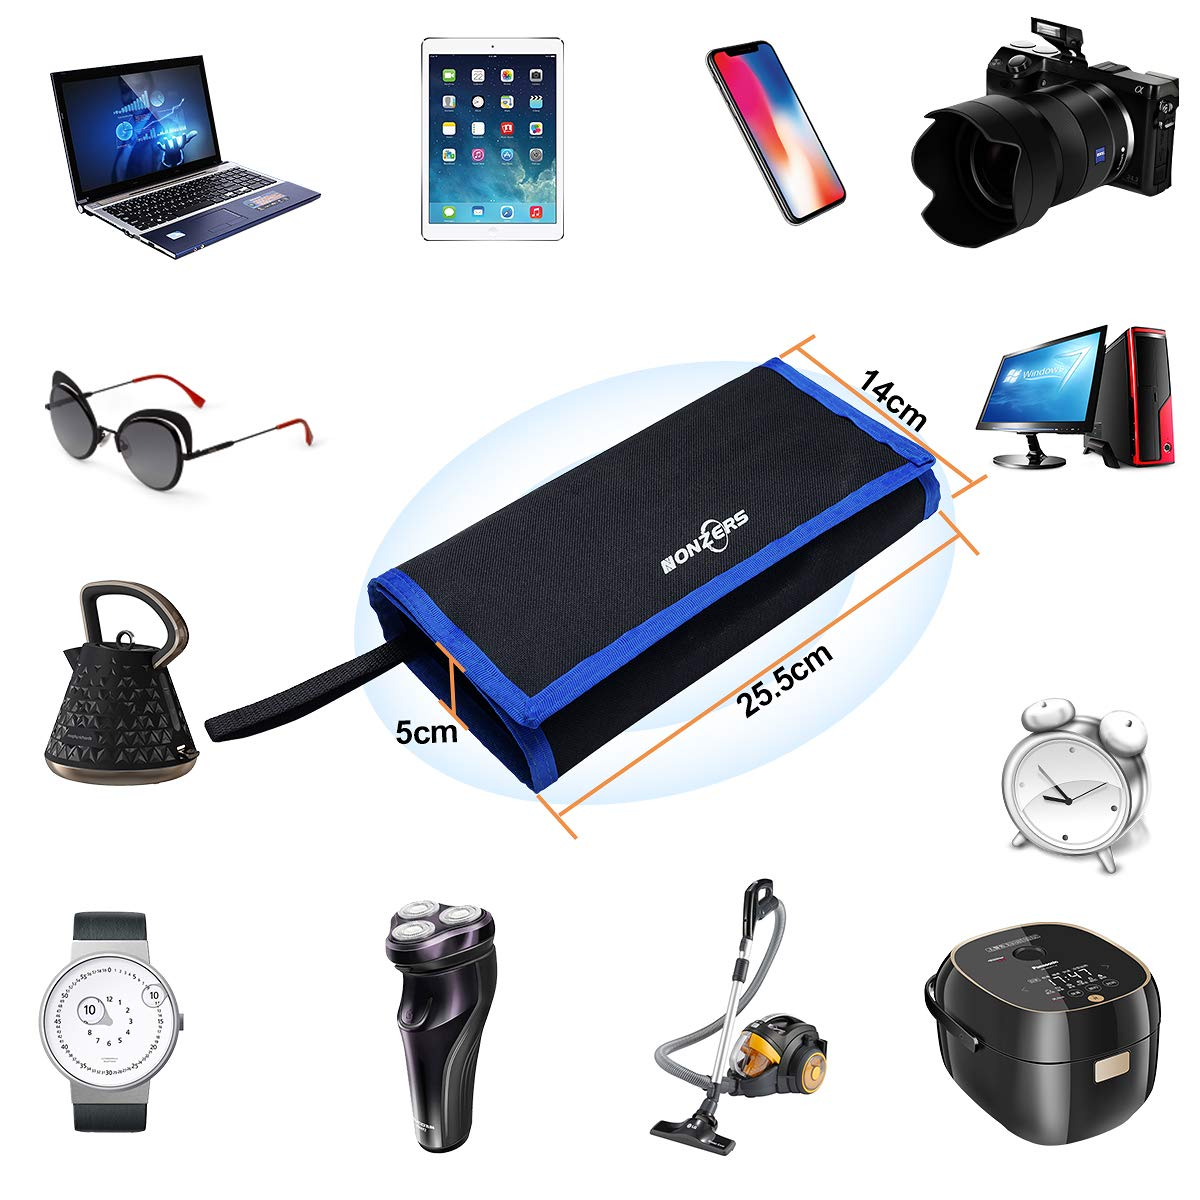 78 en 1 Kit Juego de Destornilladores de Precisi/ón,Destornillador Port/átil mit Magn/éticos Herramientas de Repareci/ón de iPhone,Relojes Electr/óncos,iPad,PC,Macbook,etc.